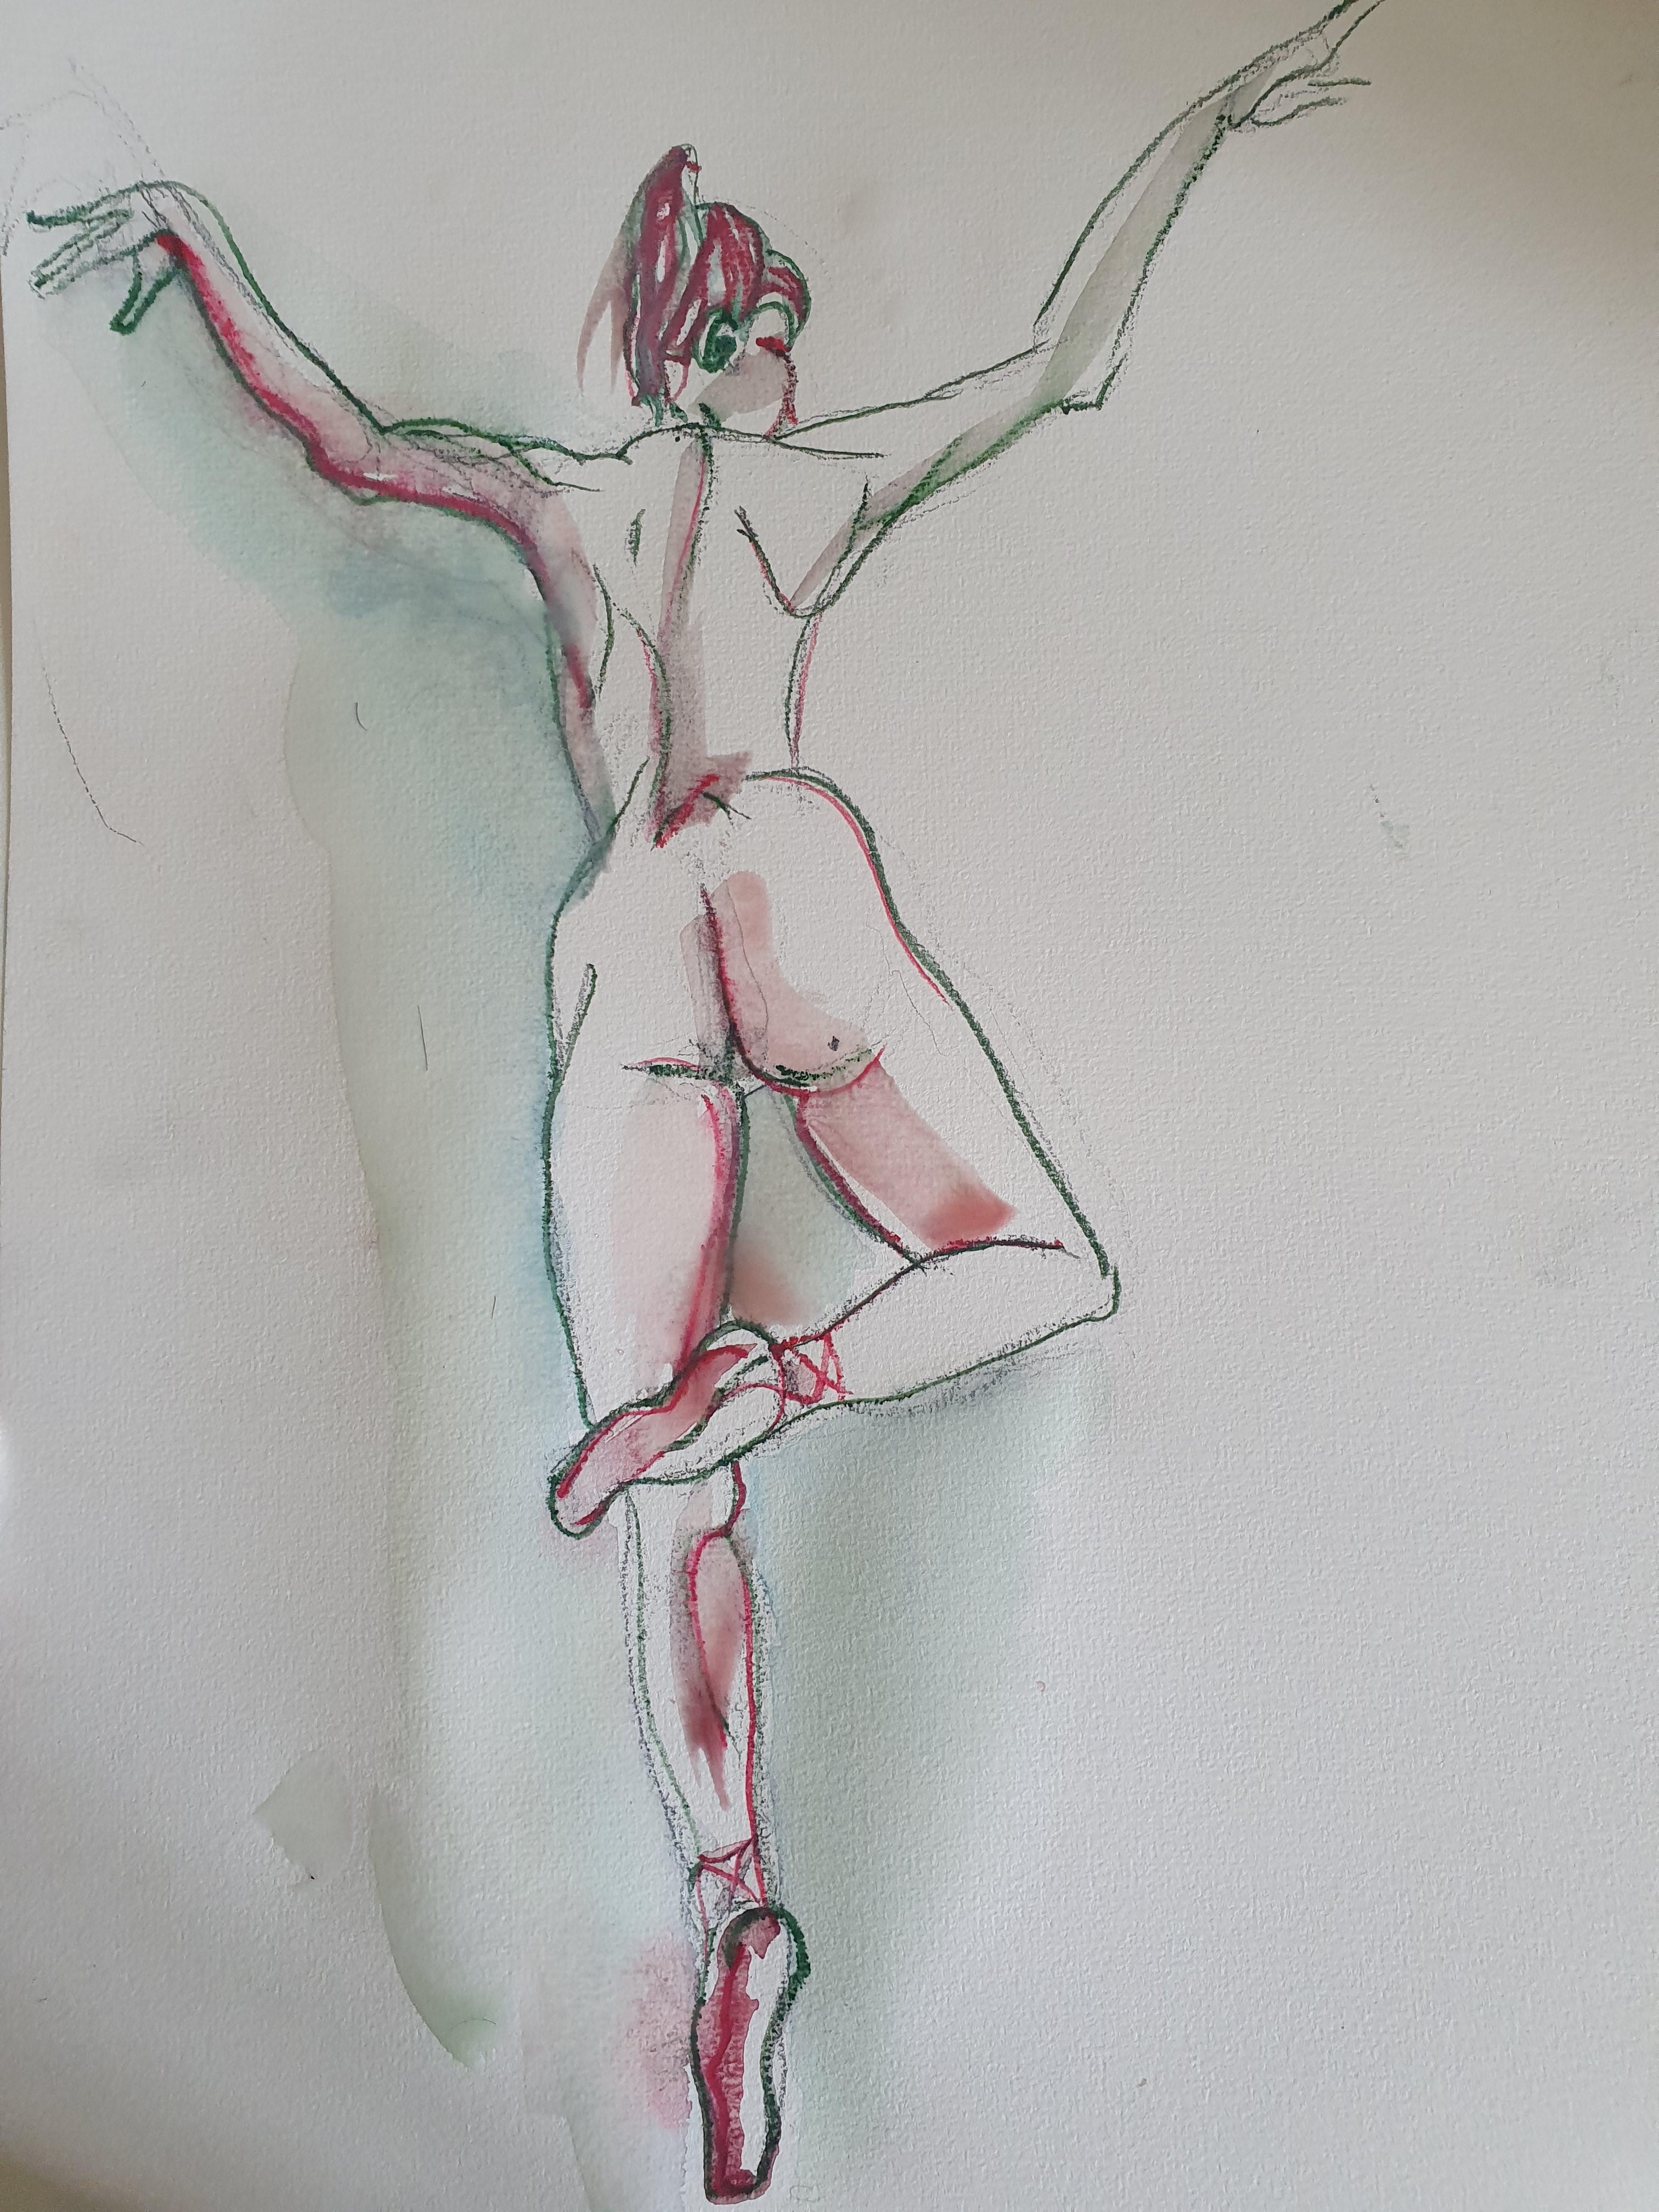 Dessin danseuse d'euros aquarelle crayon de couleur polychrome  cours de dessin